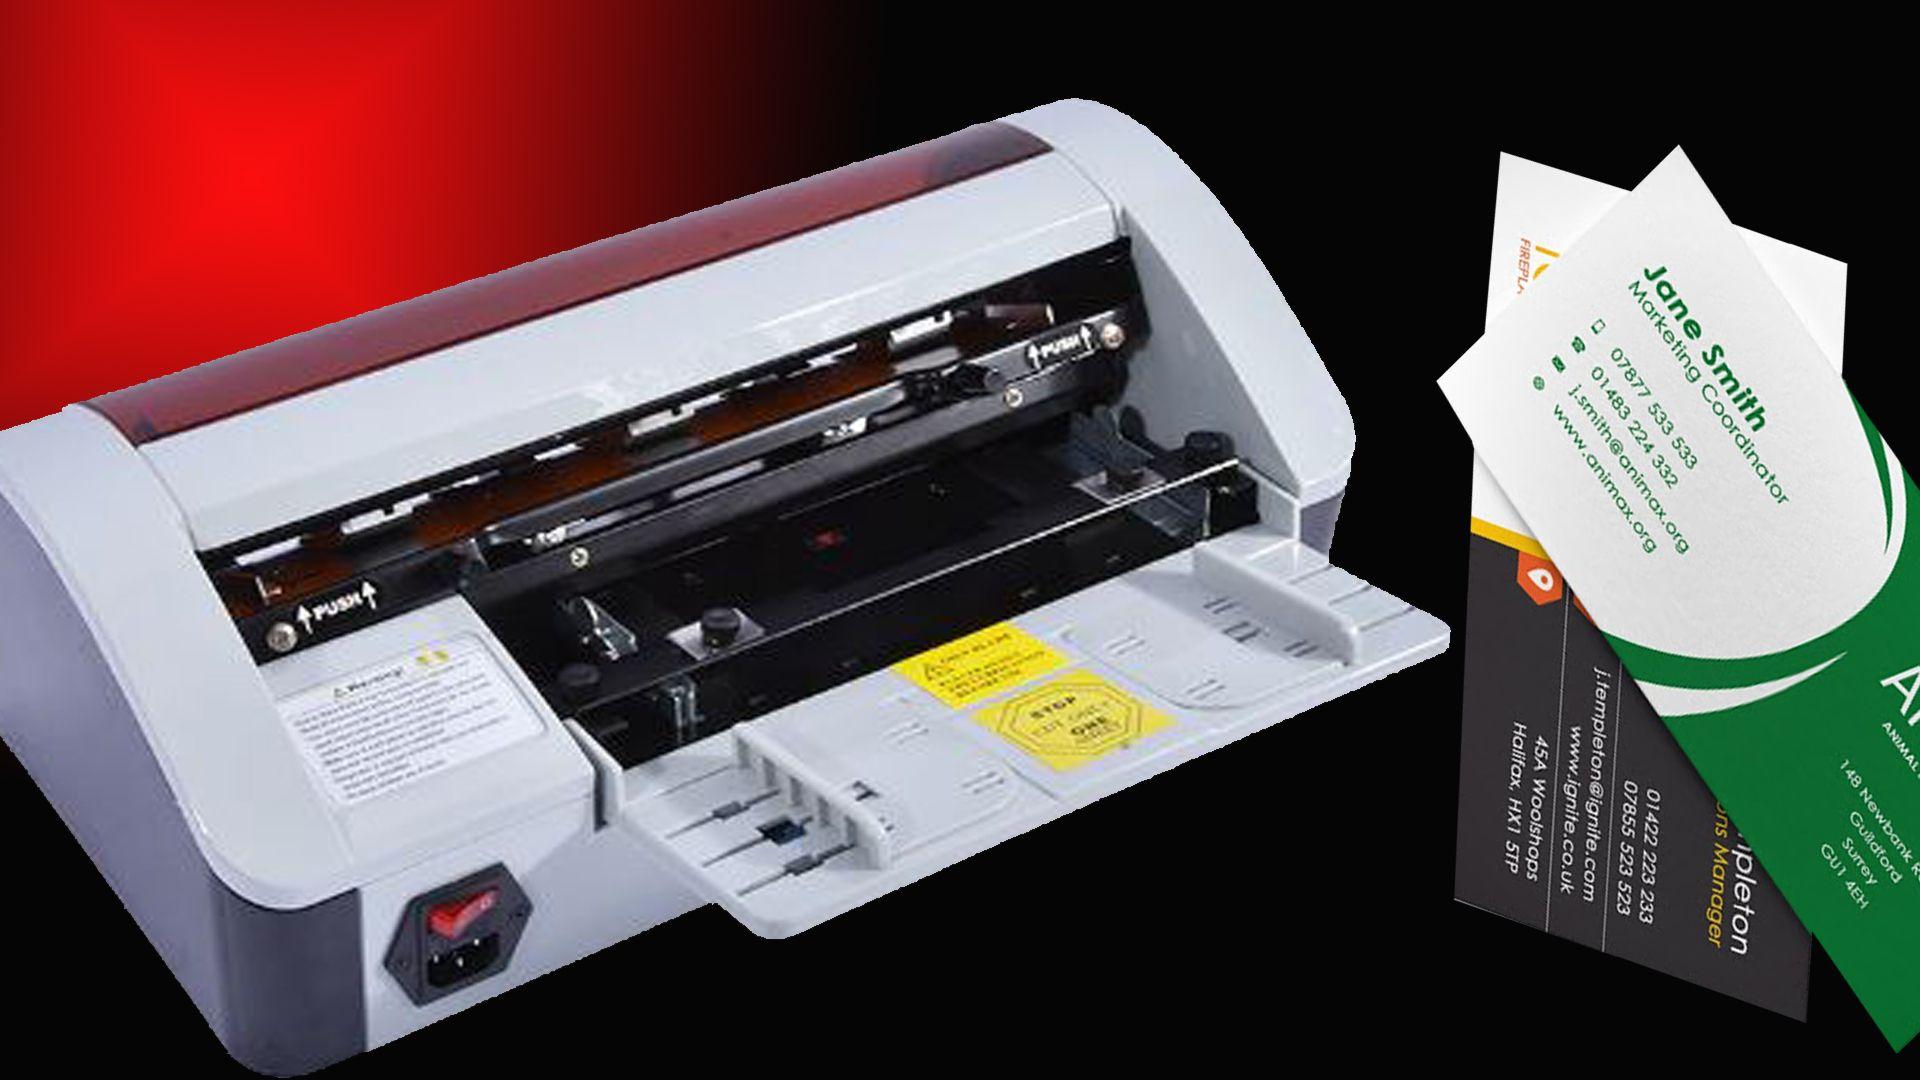 Business Card Cutter Trimmer 90x54mm Trimmer Business Card Cutter Trimmer Machine Business Card Cutter Business Cards Business